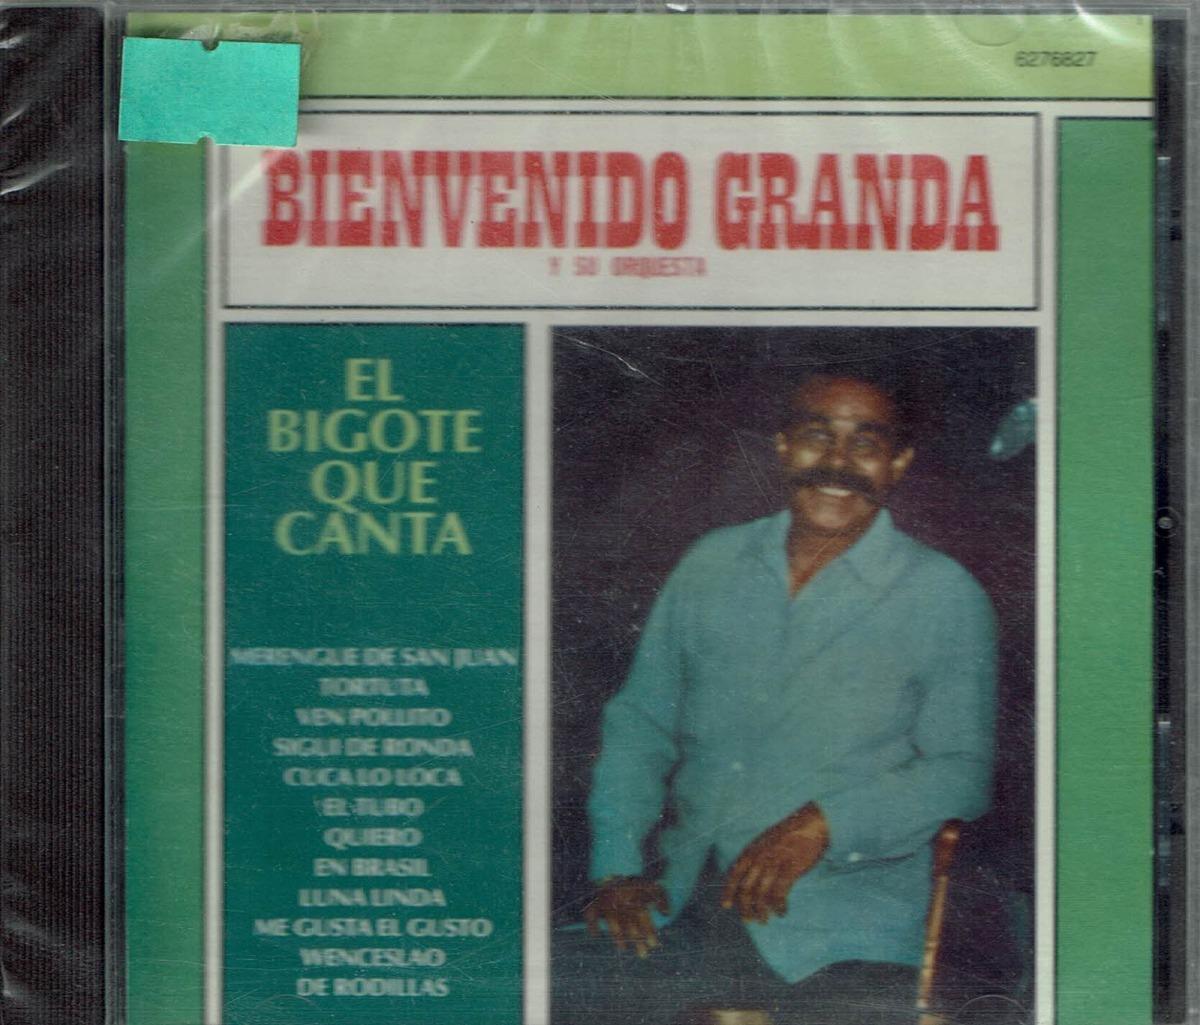 Bienvenido Granda Y Su Orquesta El Bigote Que Canta 22500 En